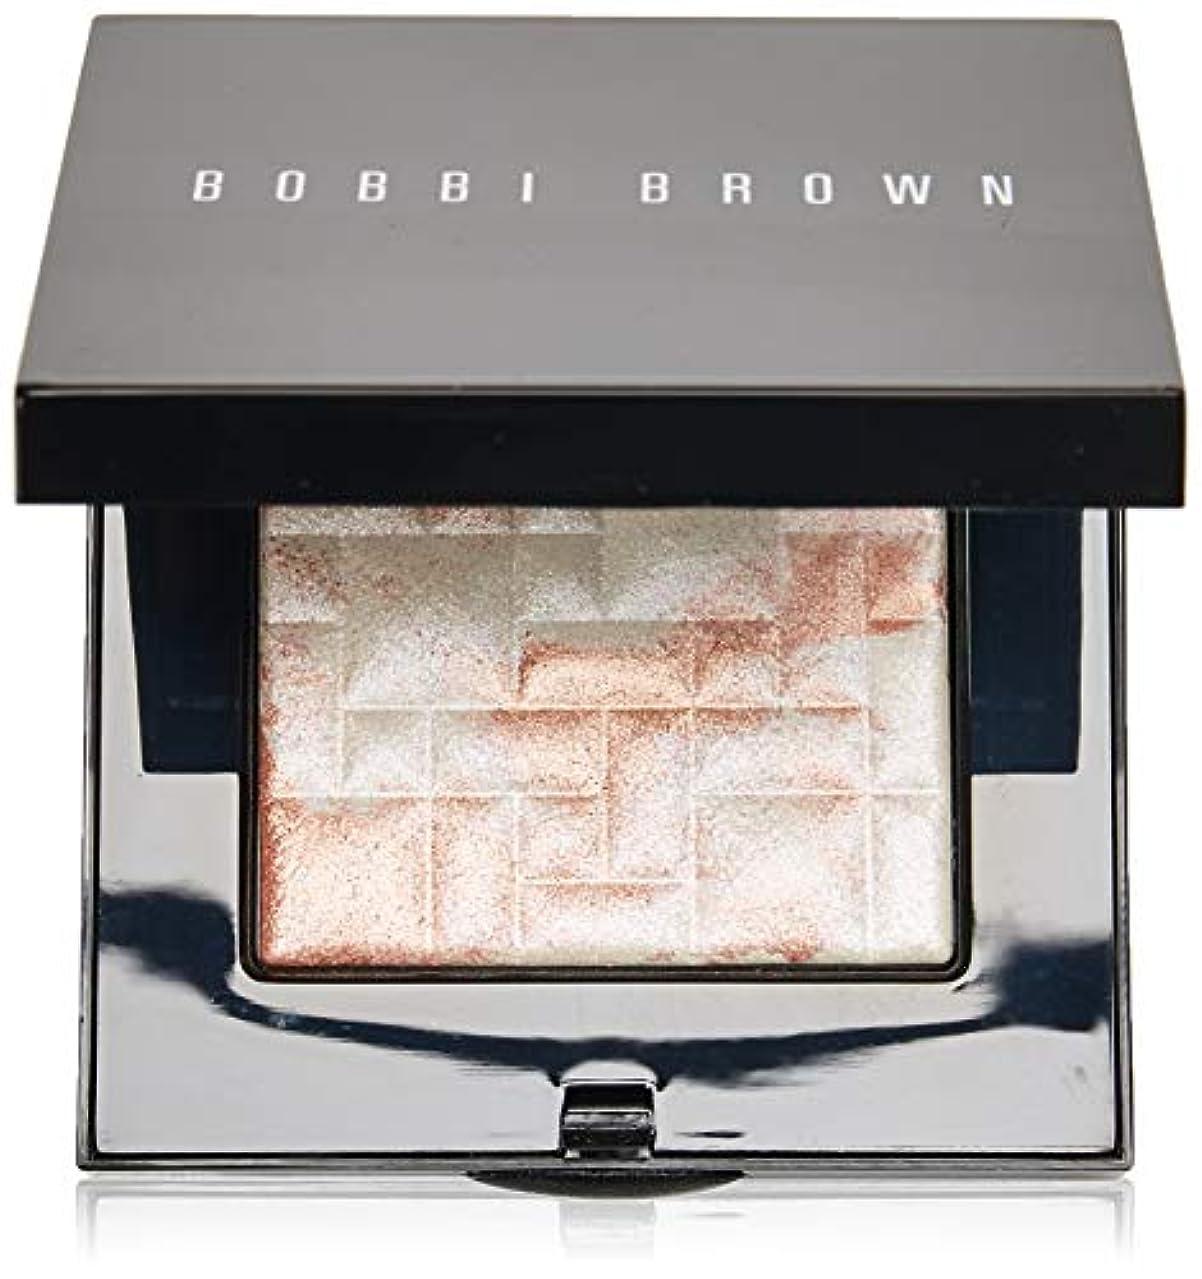 マキシム組立負ボビィブラウン(ボビー ブラウン) ハイライティング パウダー # Pink Glow